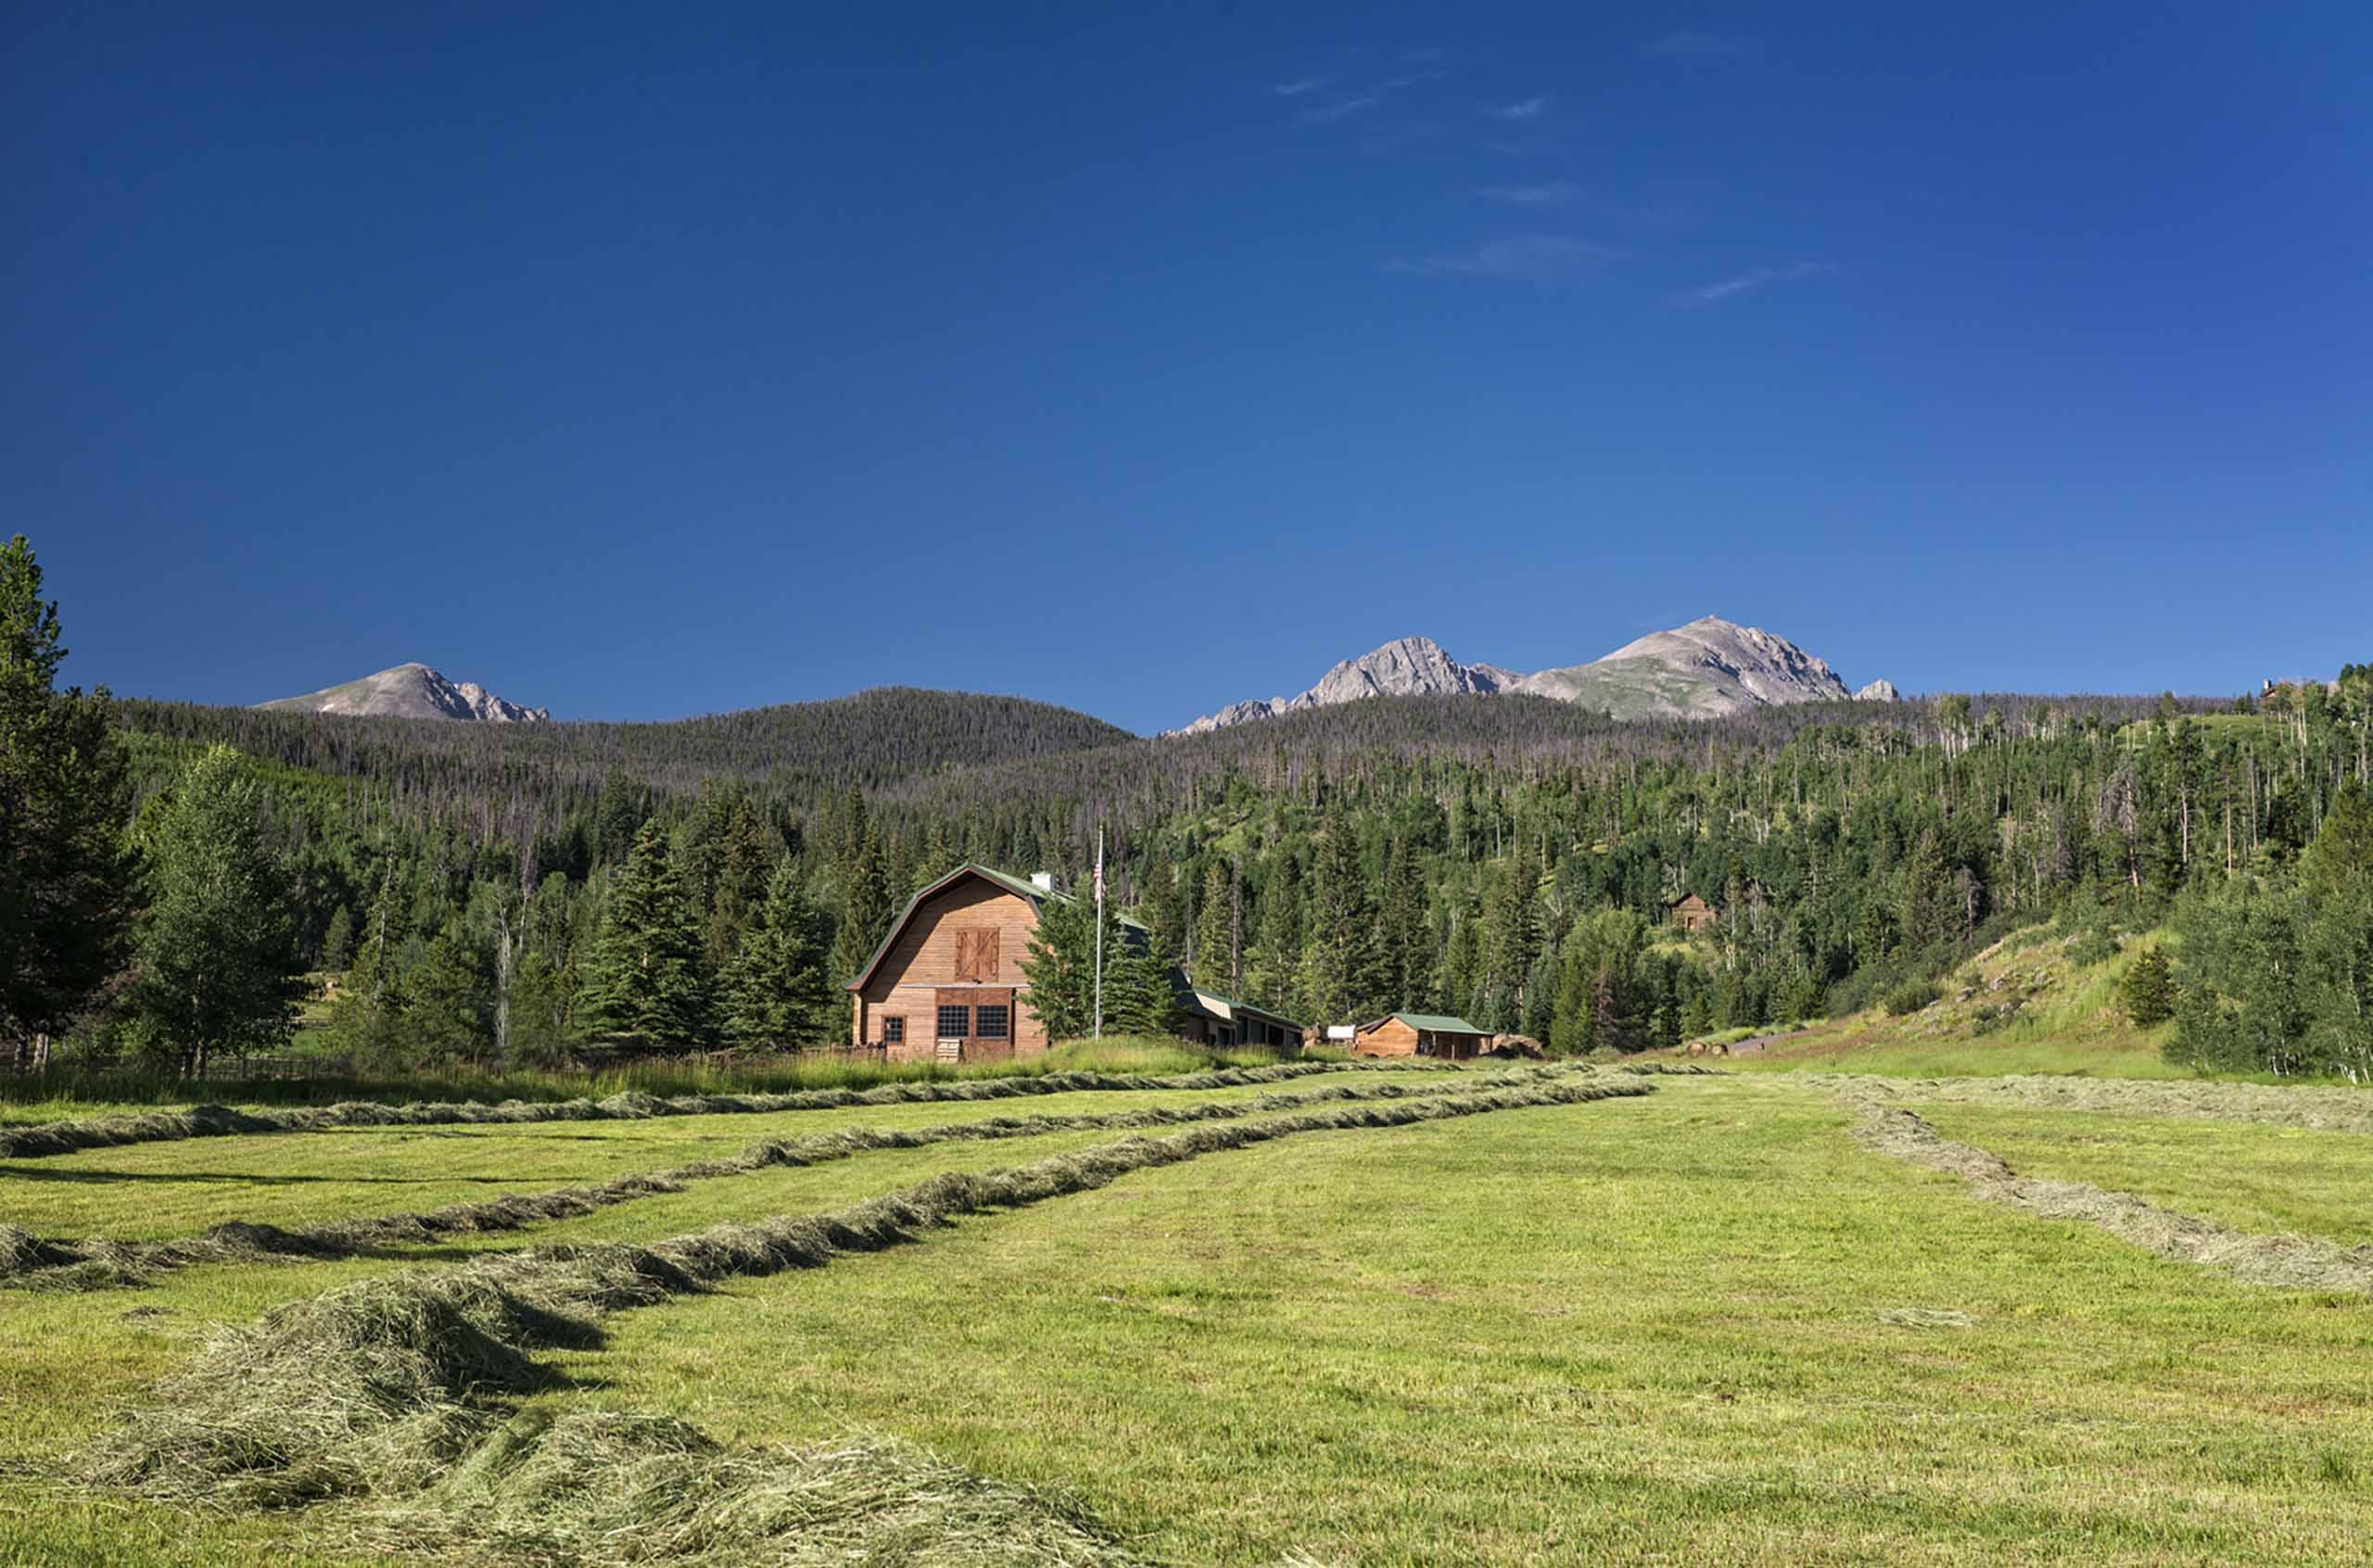 Luxury Colorado Ranch rental with 12 bedroom suites